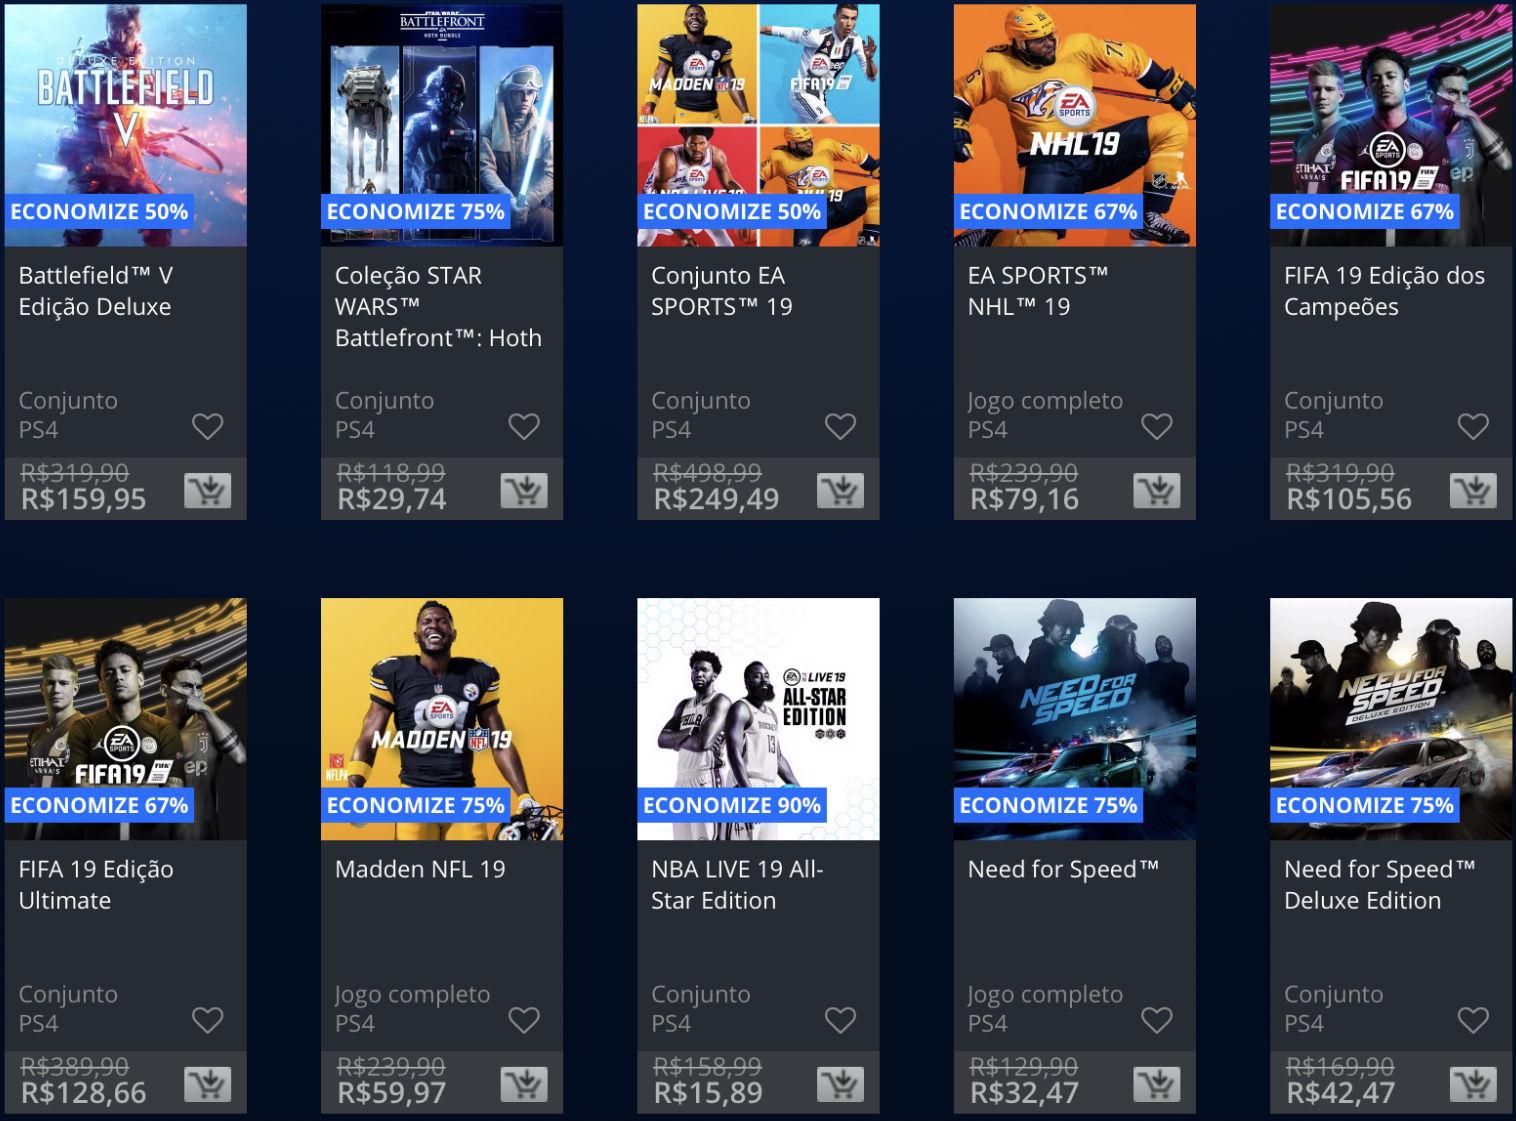 Jogos da EA estão em promoção na PSN; Descontos chegam até 80%! 3